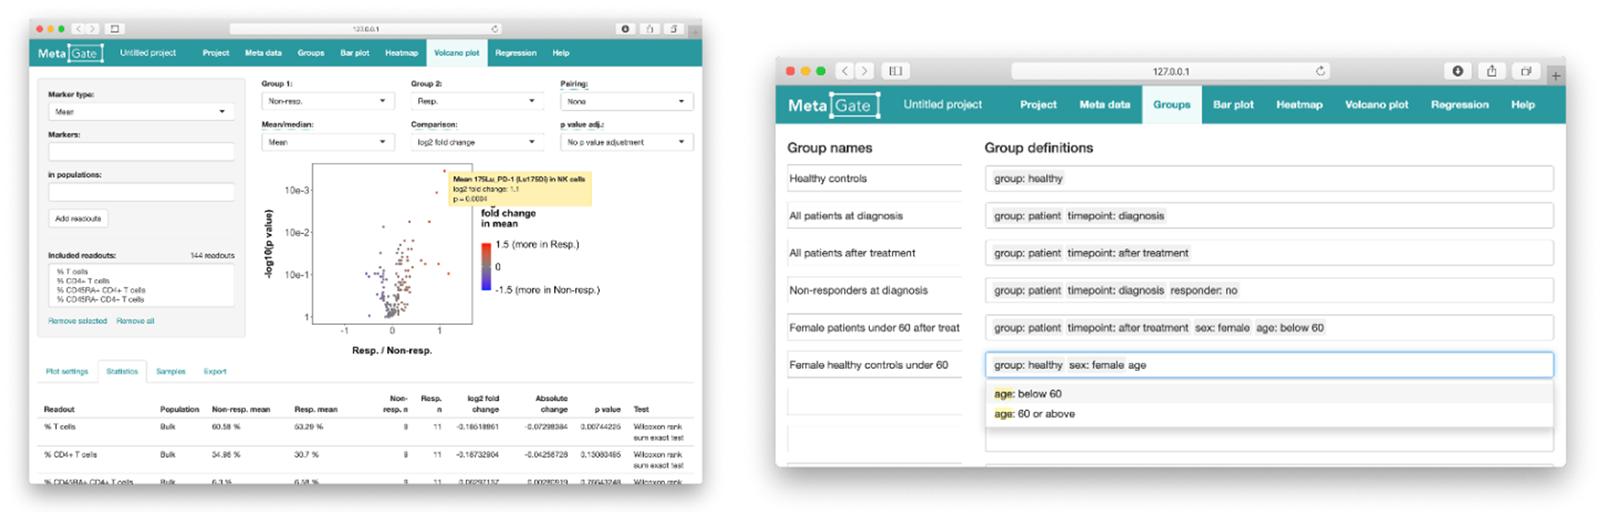 Metagate Screendump Inven2